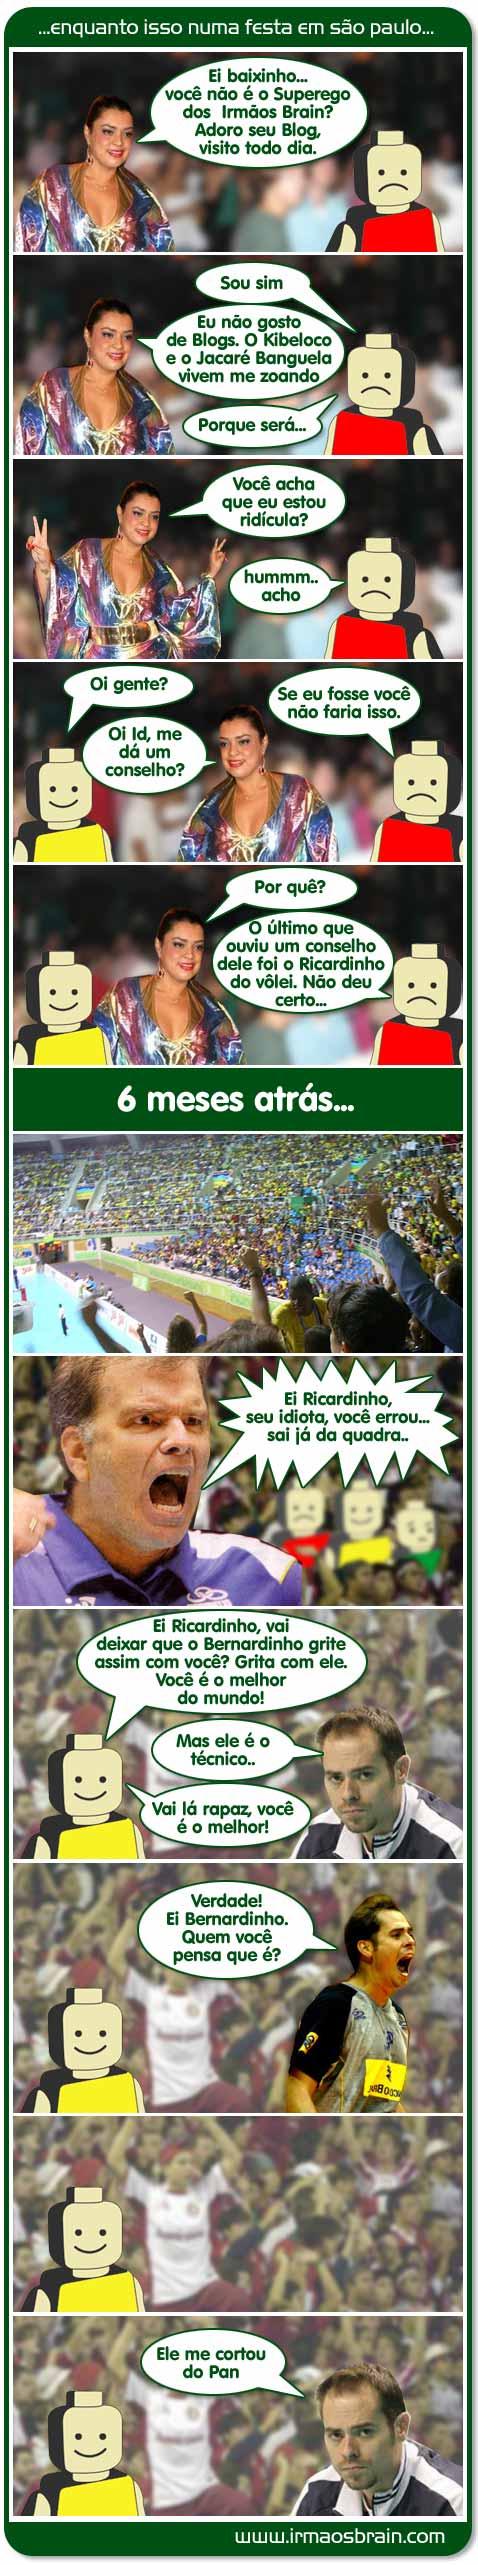 Selecao de Volei Ricardinho Bernardinho 01t0043